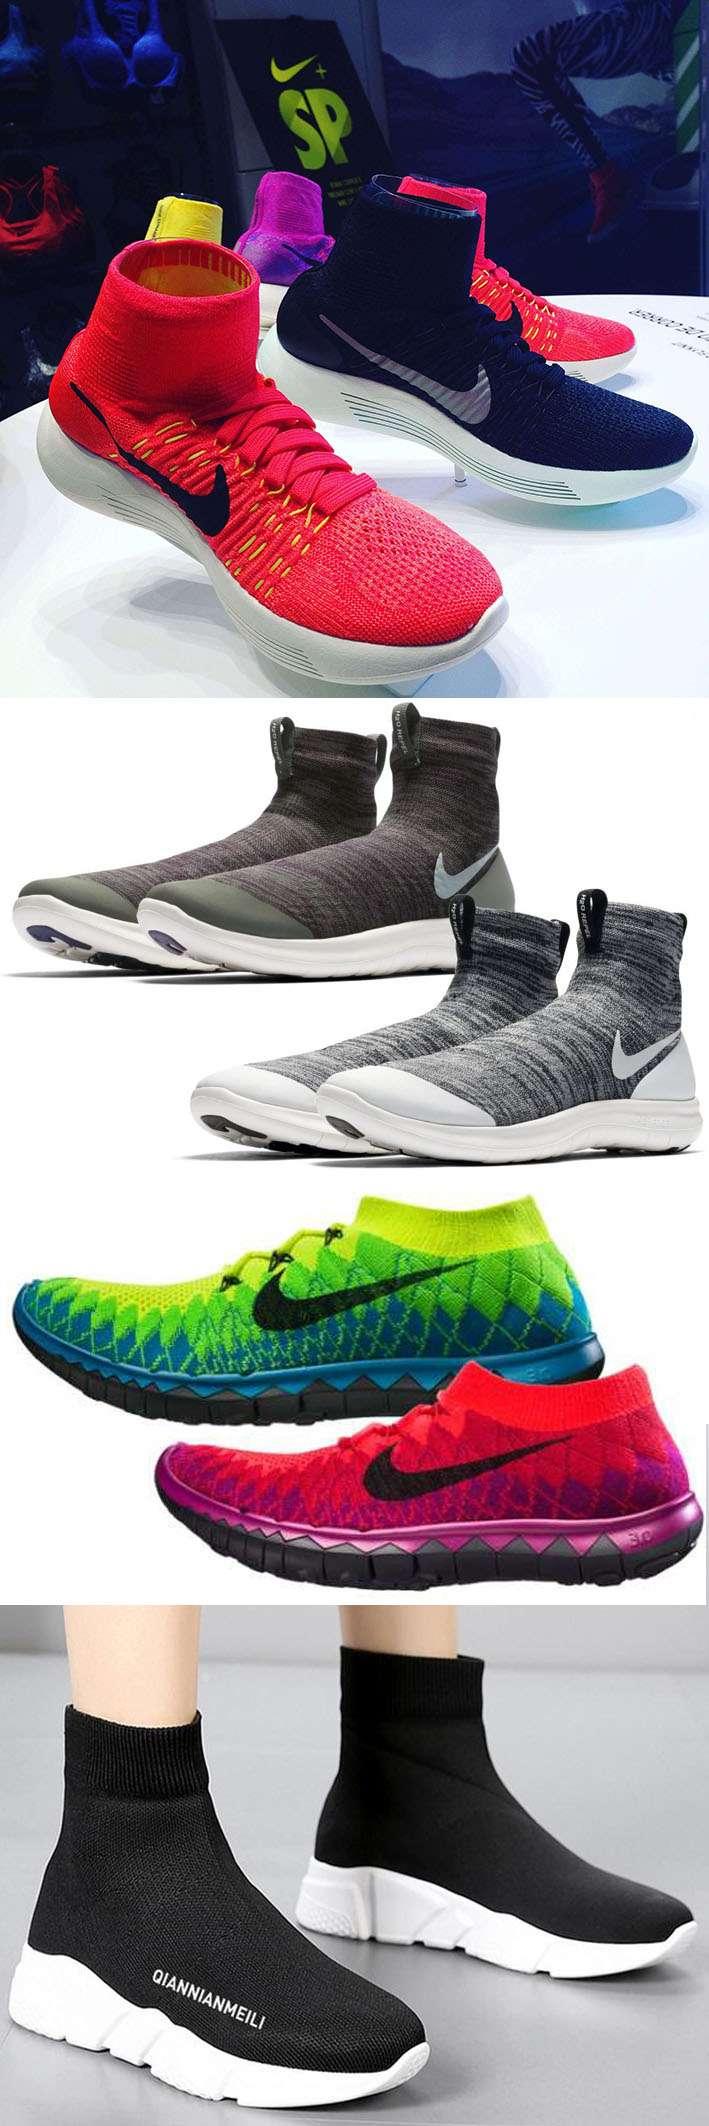 Com seu design híbrido, o tênis-meia é a maior tendência na indústria de calçados stylo urbano